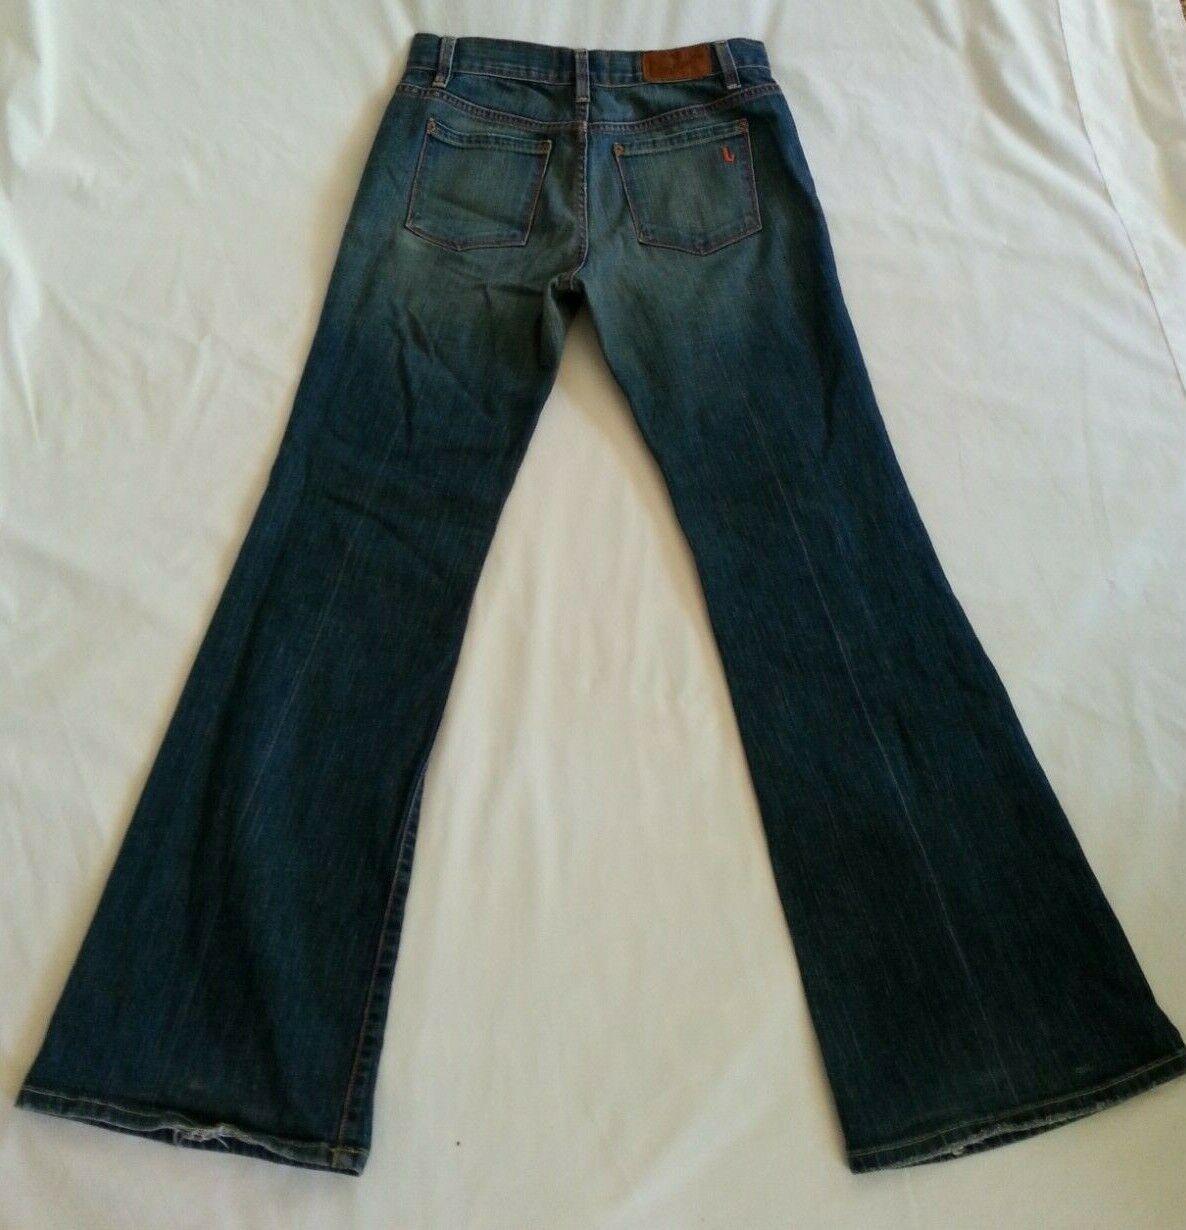 Vintage Women's Landlubber Denim Jeans Pants Size… - image 2